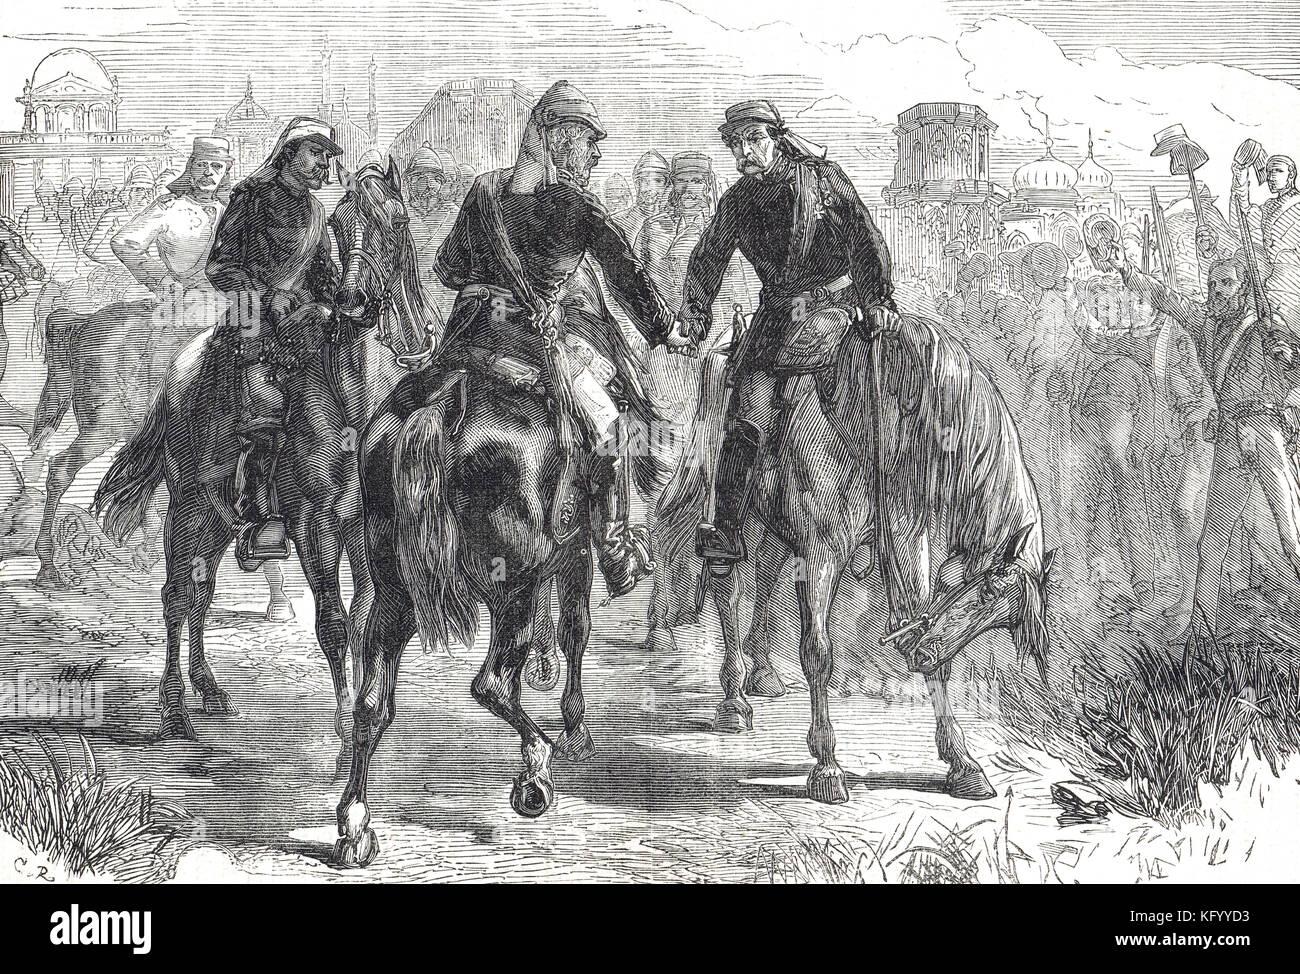 Riunione dei generali, sir Henry havelock,sir James outram, Sir Colin Campbell, primo rilievo di Lucknow, indiano la ribellione del 1857 Foto Stock